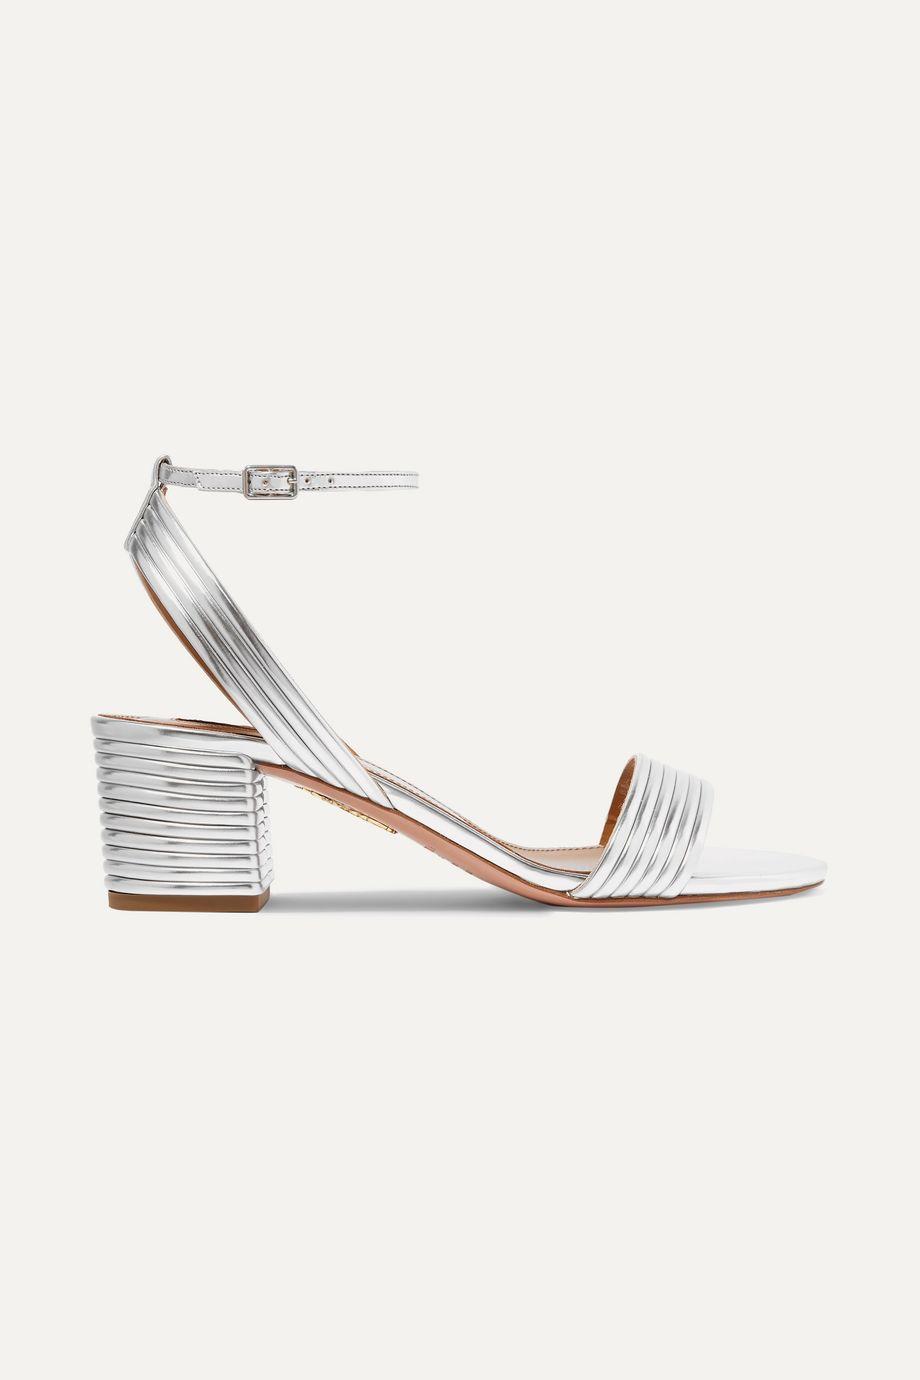 Aquazzura Sundance 50 金属感纯素皮革凉鞋